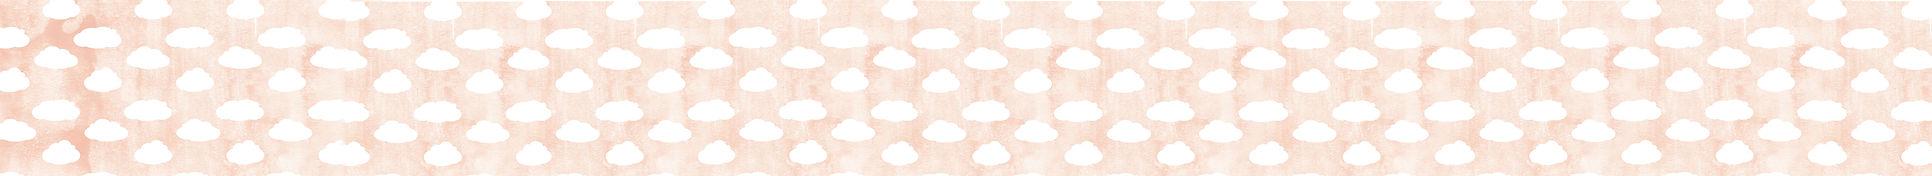 Blush Clouds BGD Long.jpg